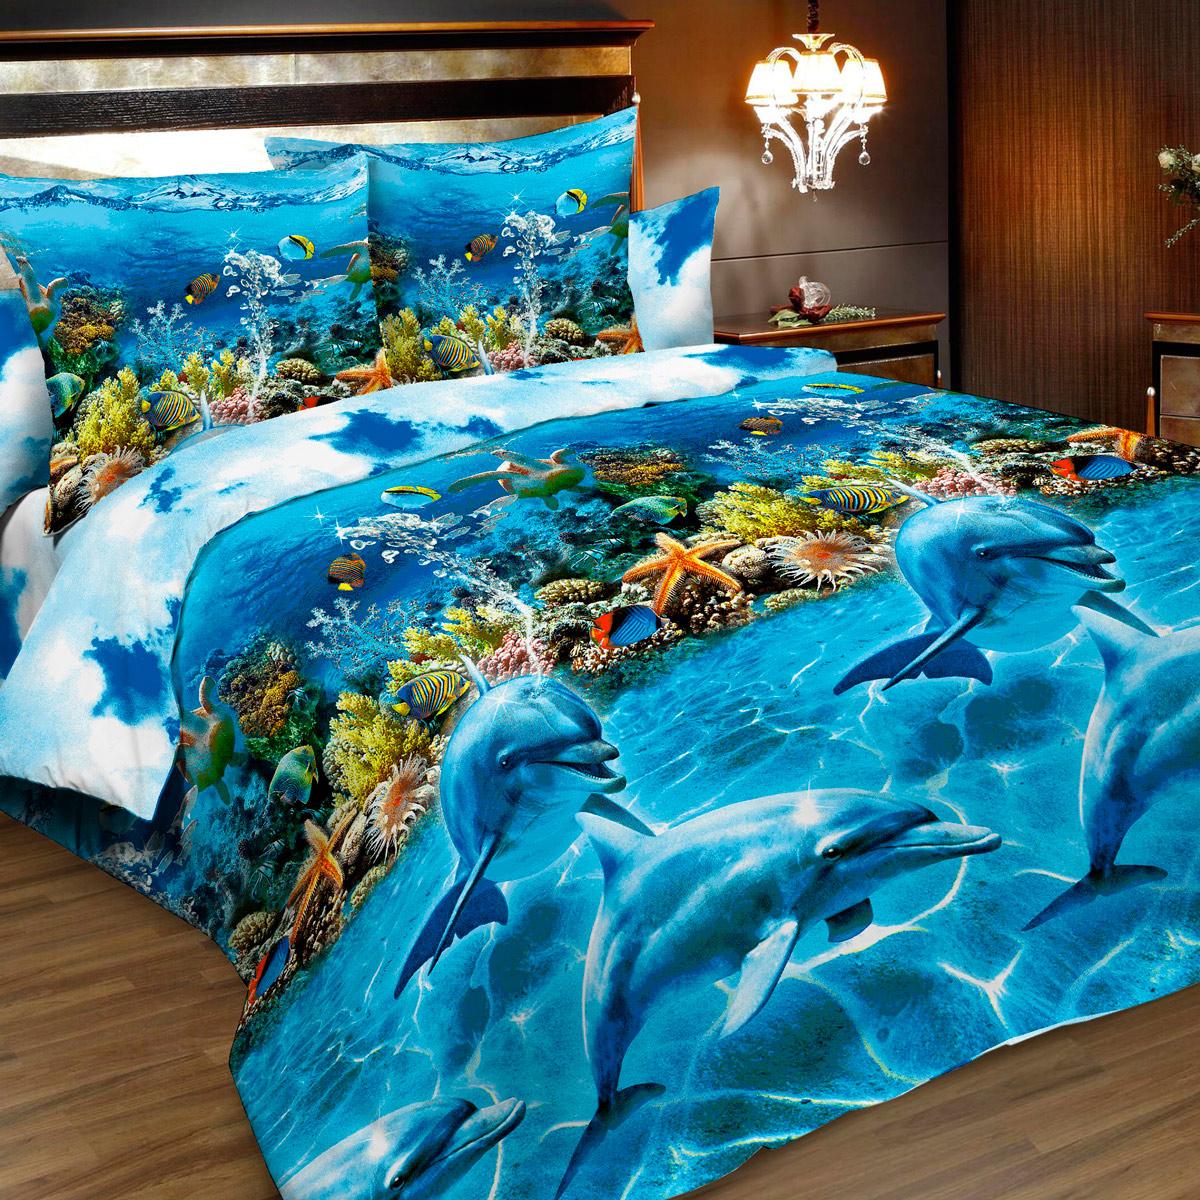 Комплект белья Letto, 1,5-спальный, наволочки 70х70. B183-3 комплект белья letto семейный наволочки 70х70 цвет голубой синий b183 7